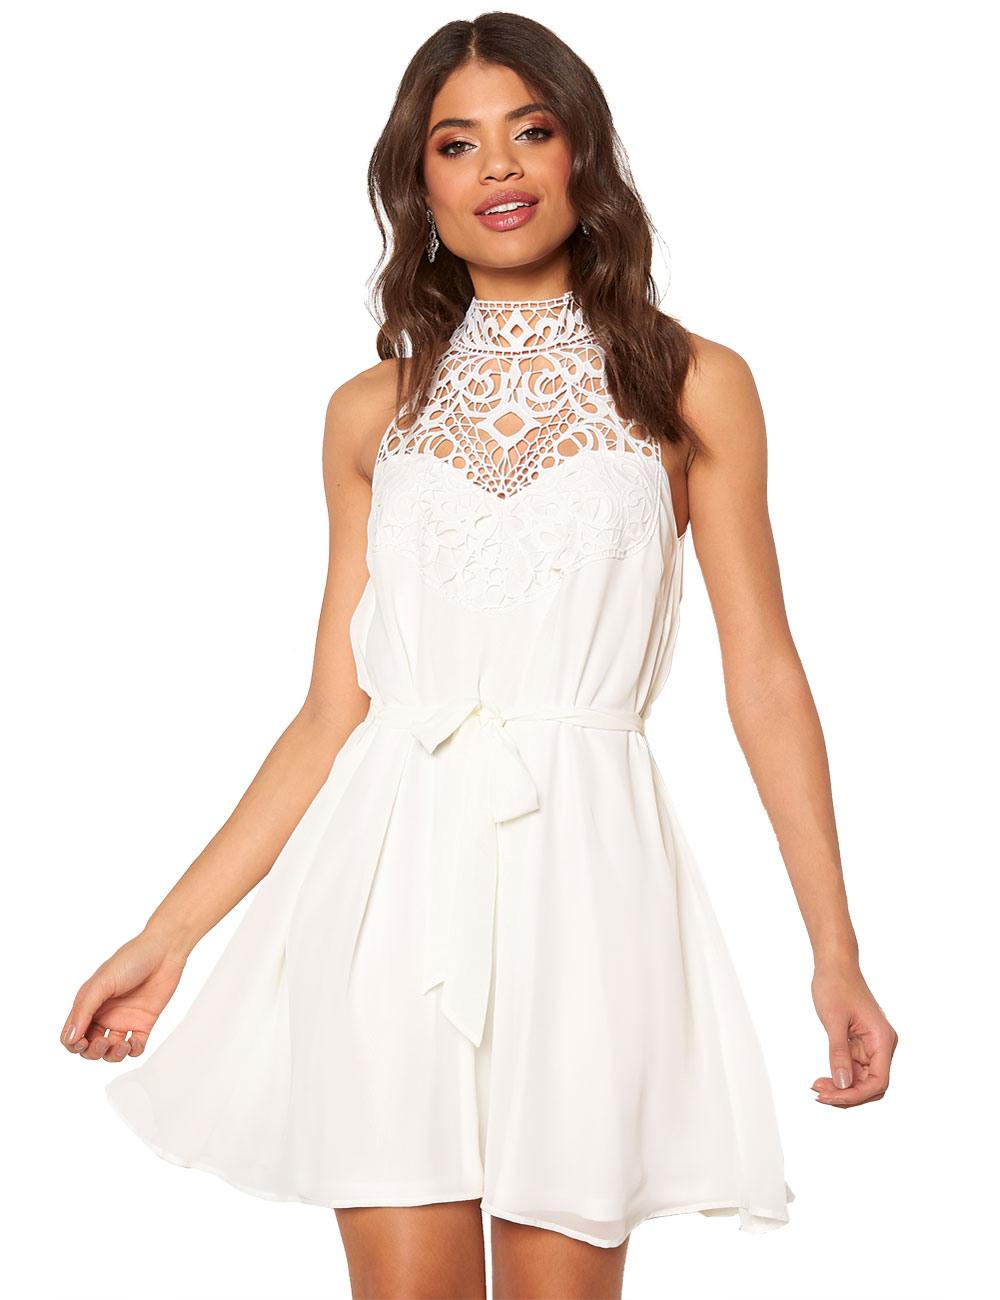 Wunderbar Kurzes Kleid Mit Spitze VertriebAbend Ausgezeichnet Kurzes Kleid Mit Spitze Ärmel